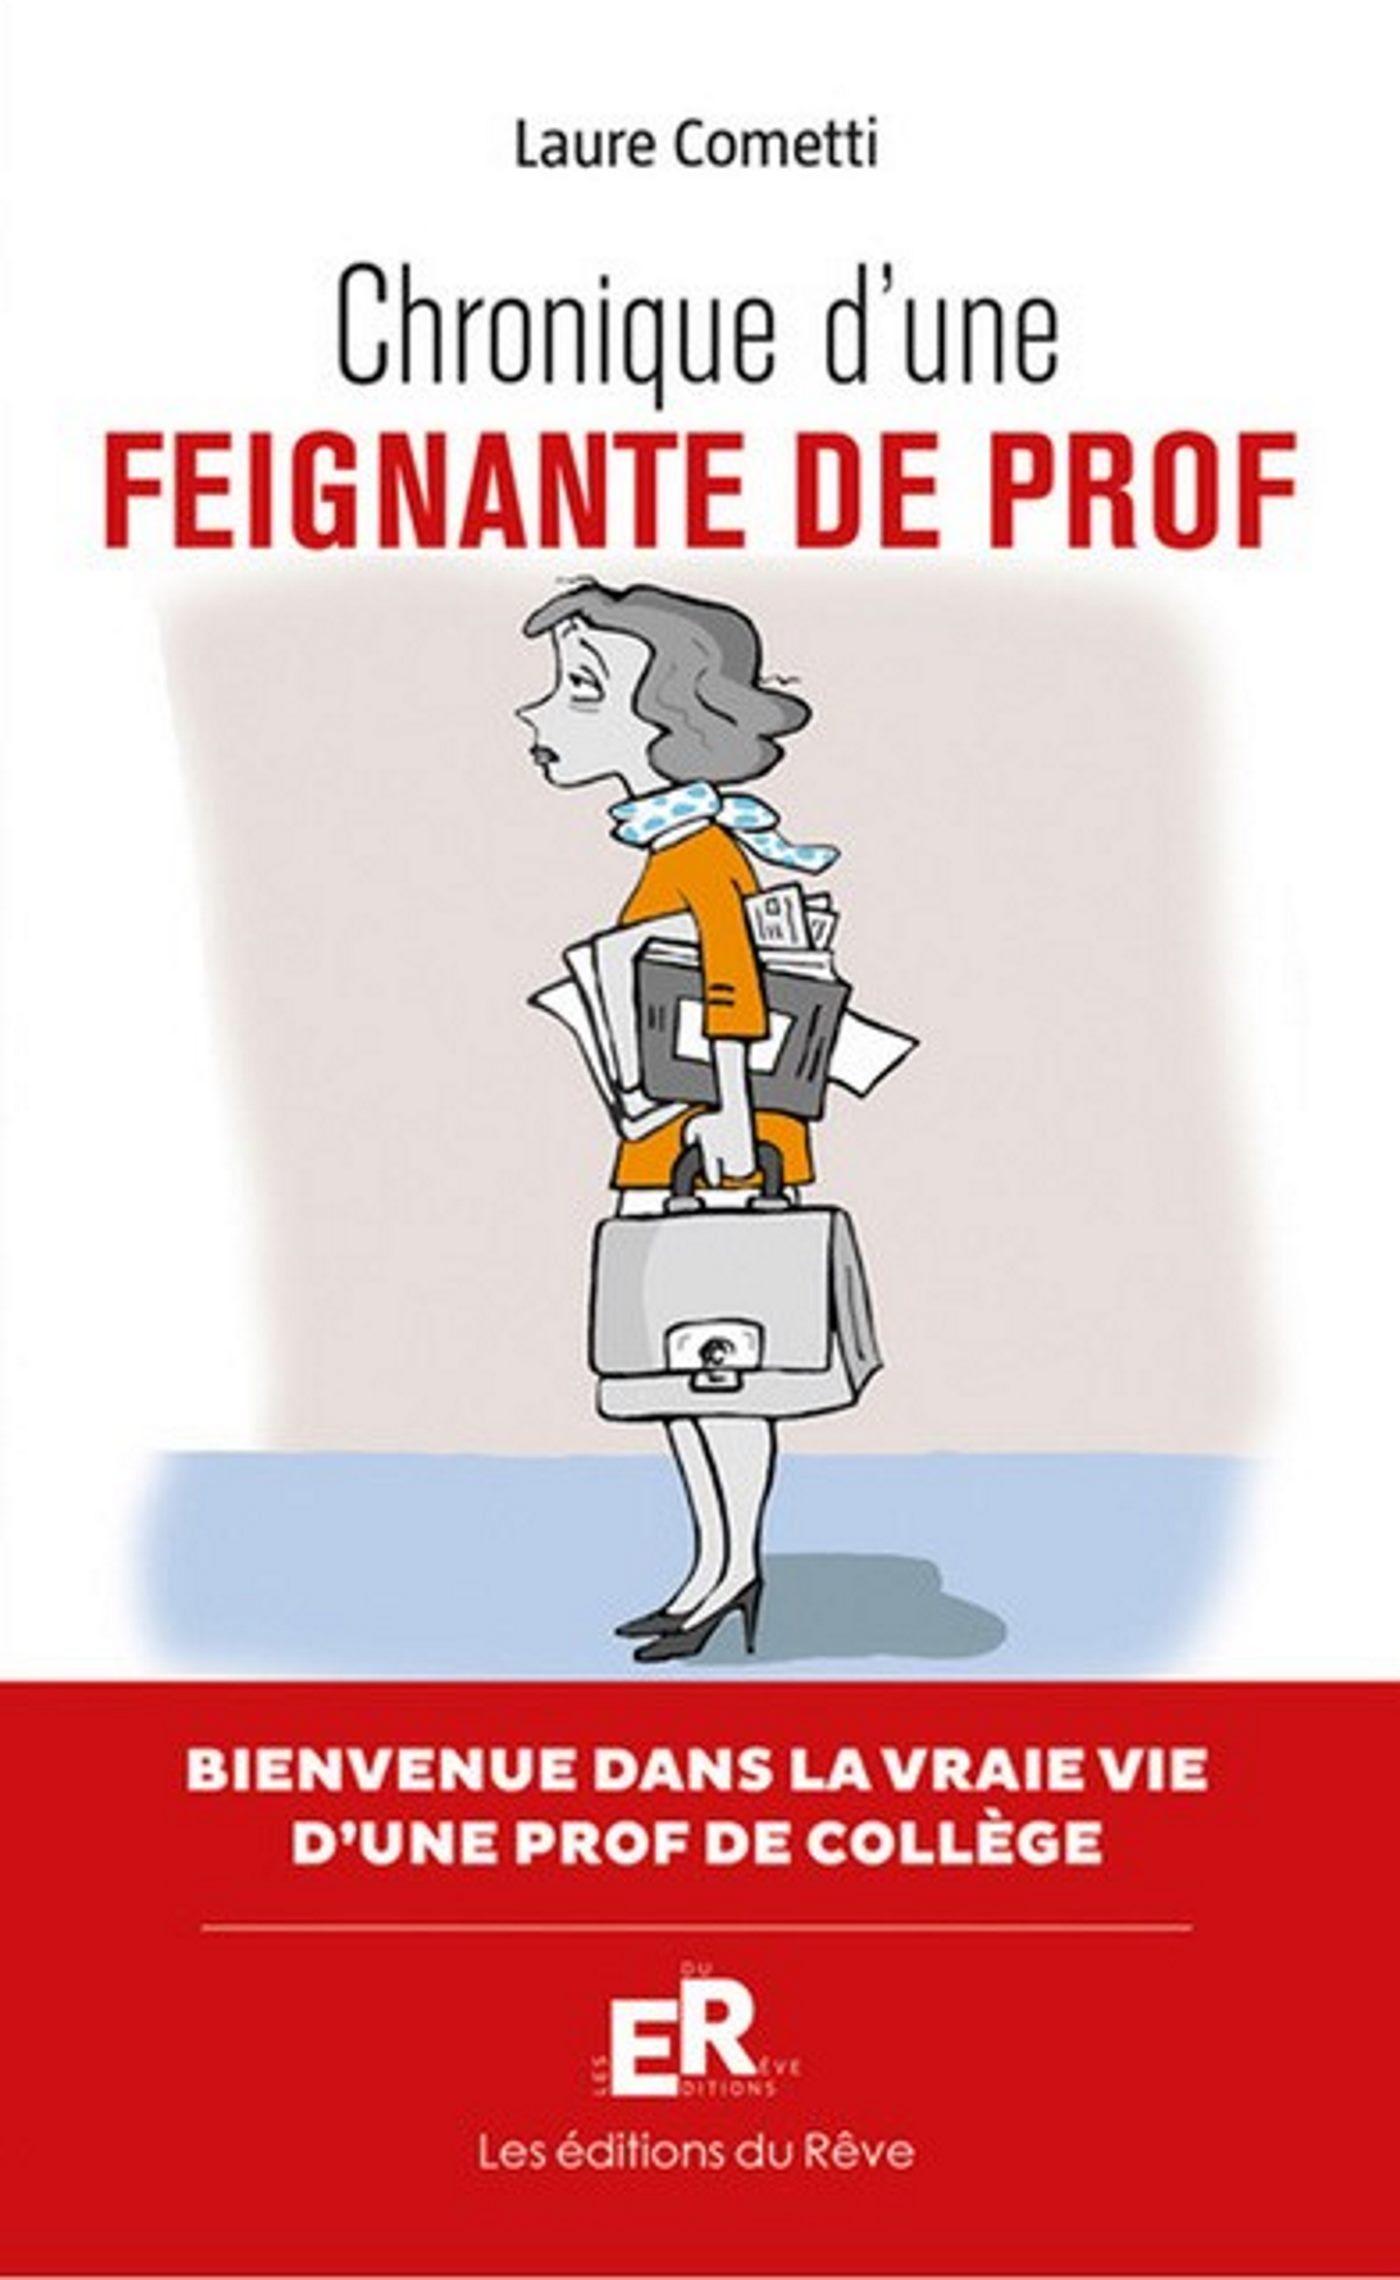 CHRONIQUE D'UNE FEIGNANTE DE PROF